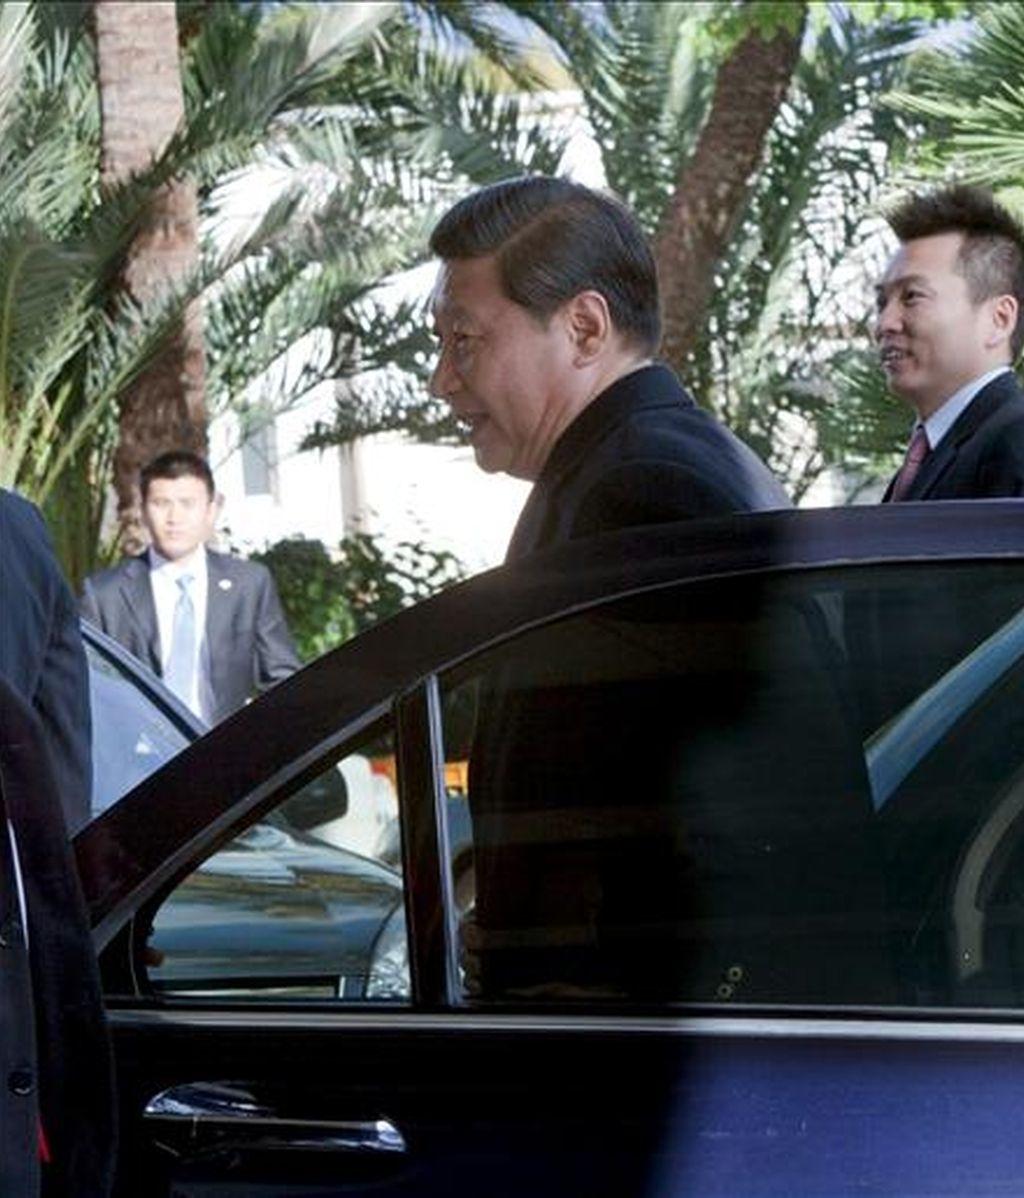 En la imagen, el vicepresidente chino, Xi Jinping, llega al hotel donde se hospeda tras hacer esta mañana una visita a la localidad mallorquina de Valldemosa, durante su estancia en la isla. EFE